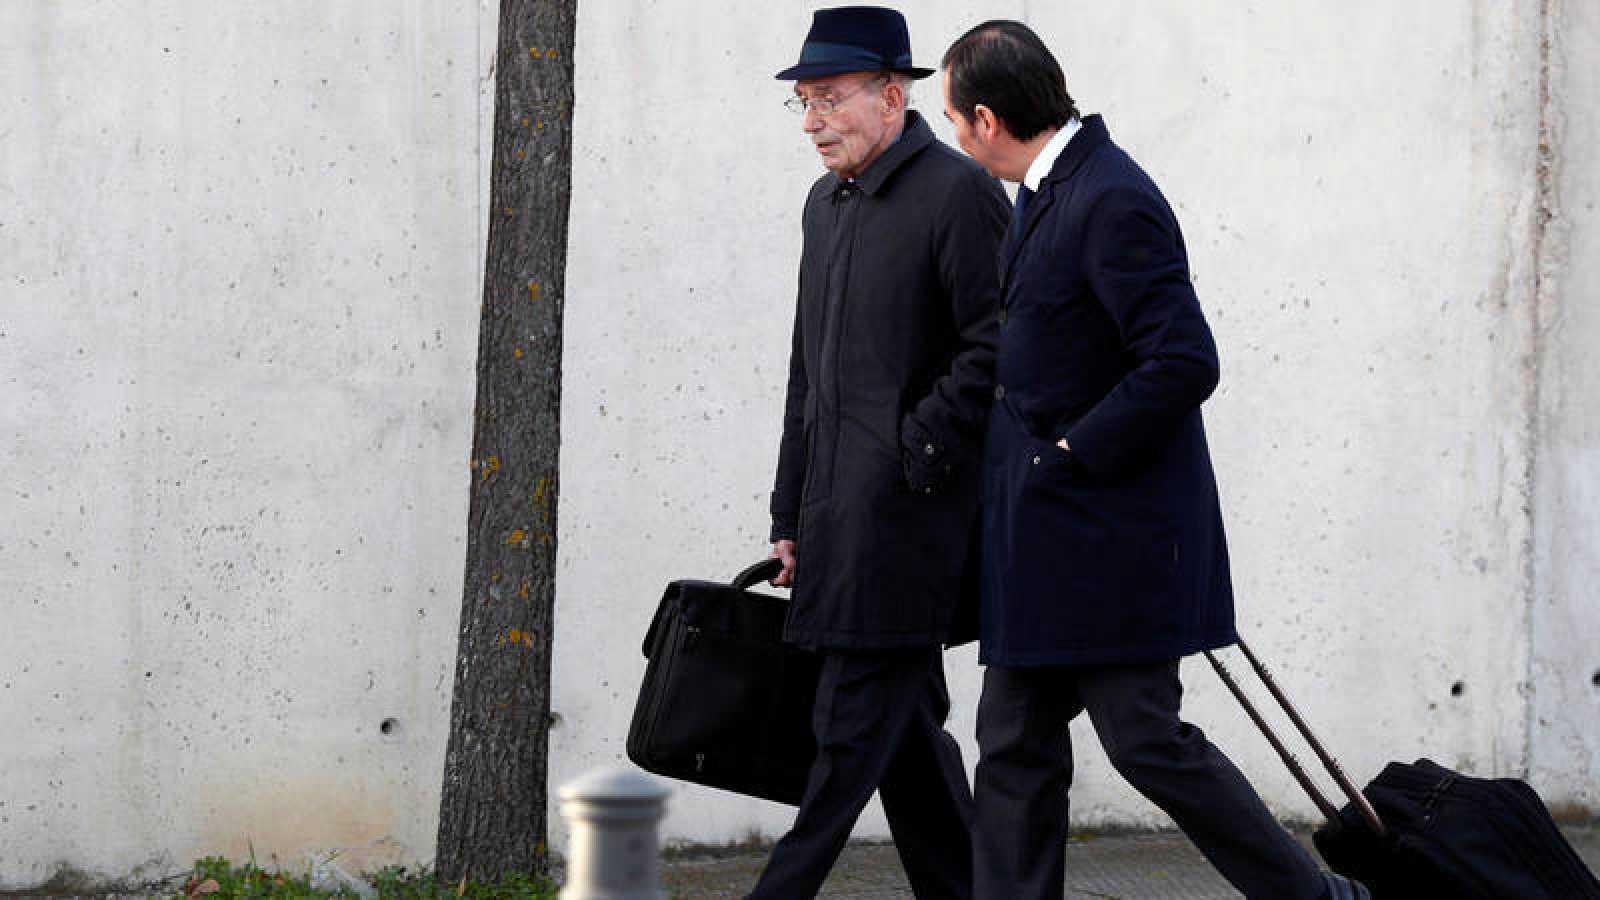 El exconsejero de Bankia, José Manuel Fernández Norniella, a su llegada al juicio